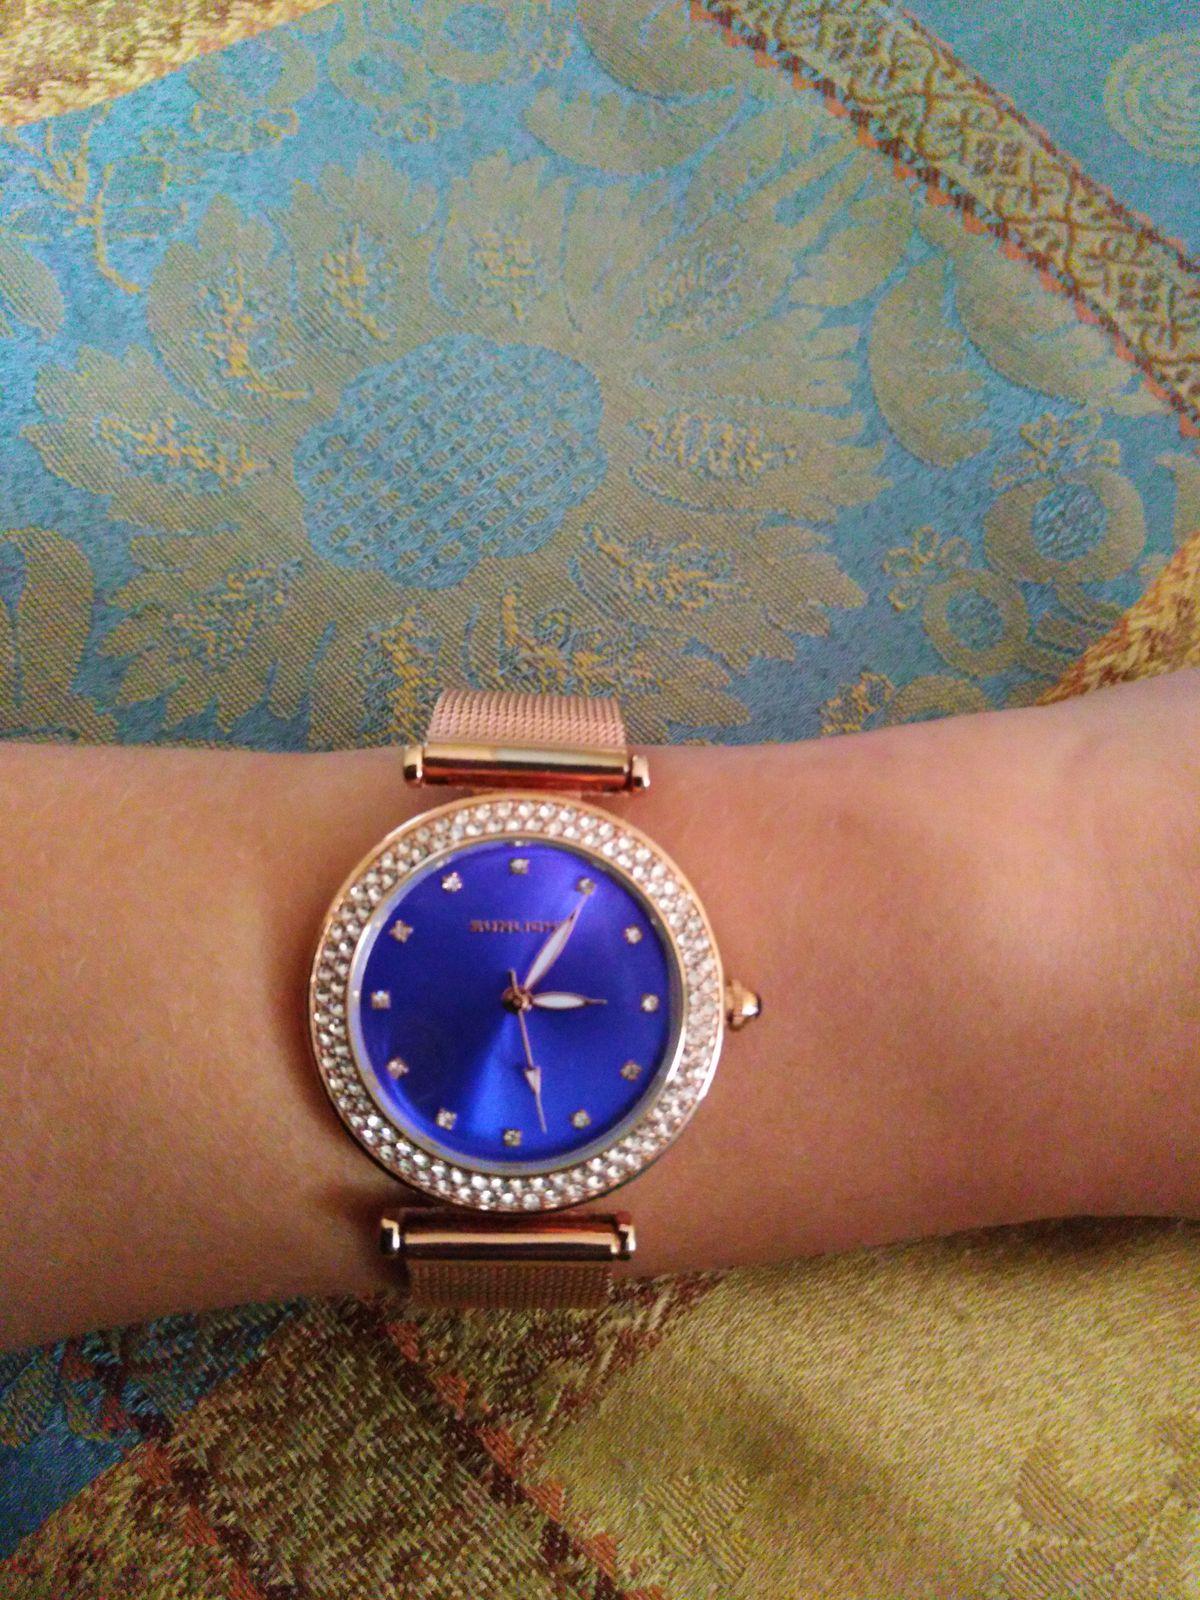 Хорошие часы за такую цену.